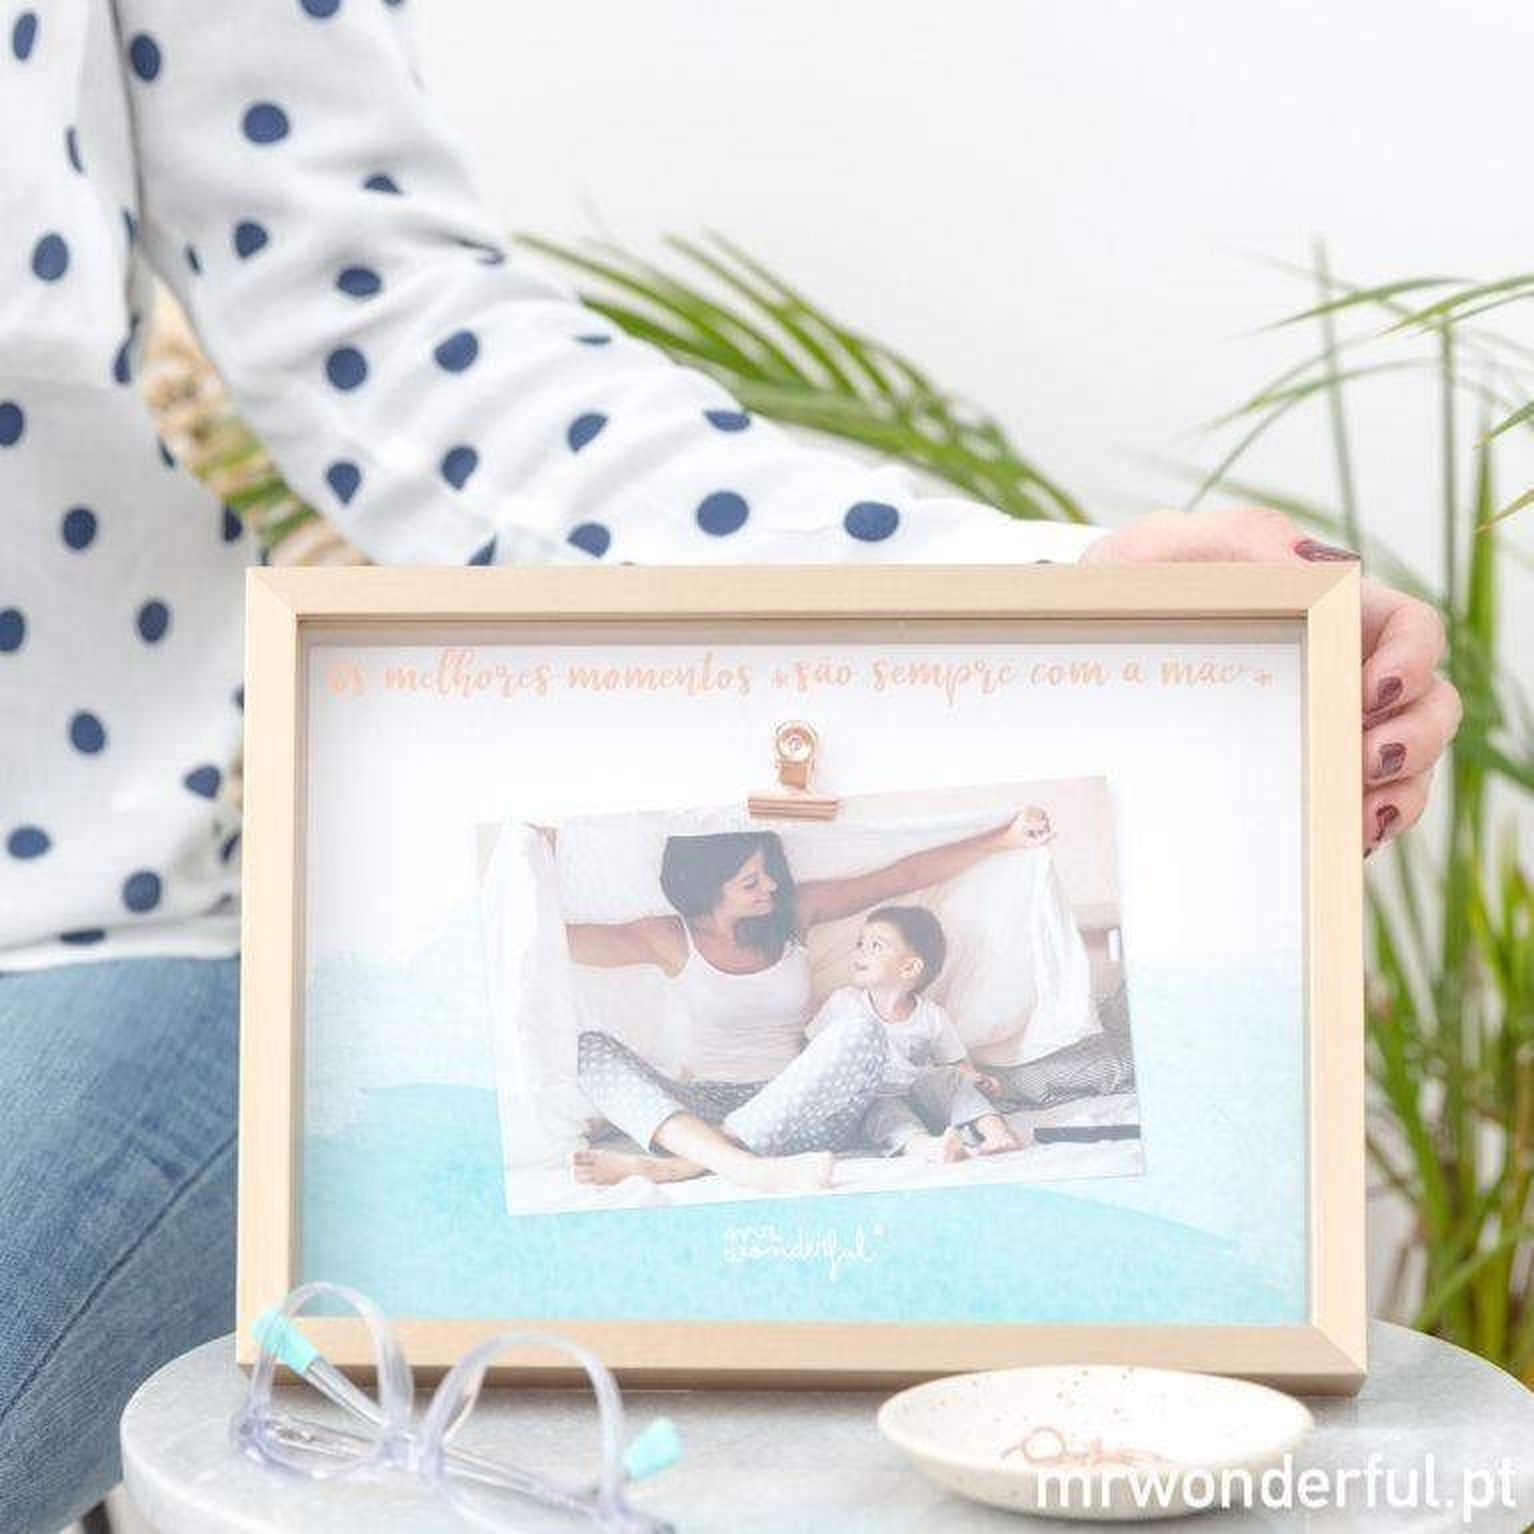 Moldura de fotos mãe